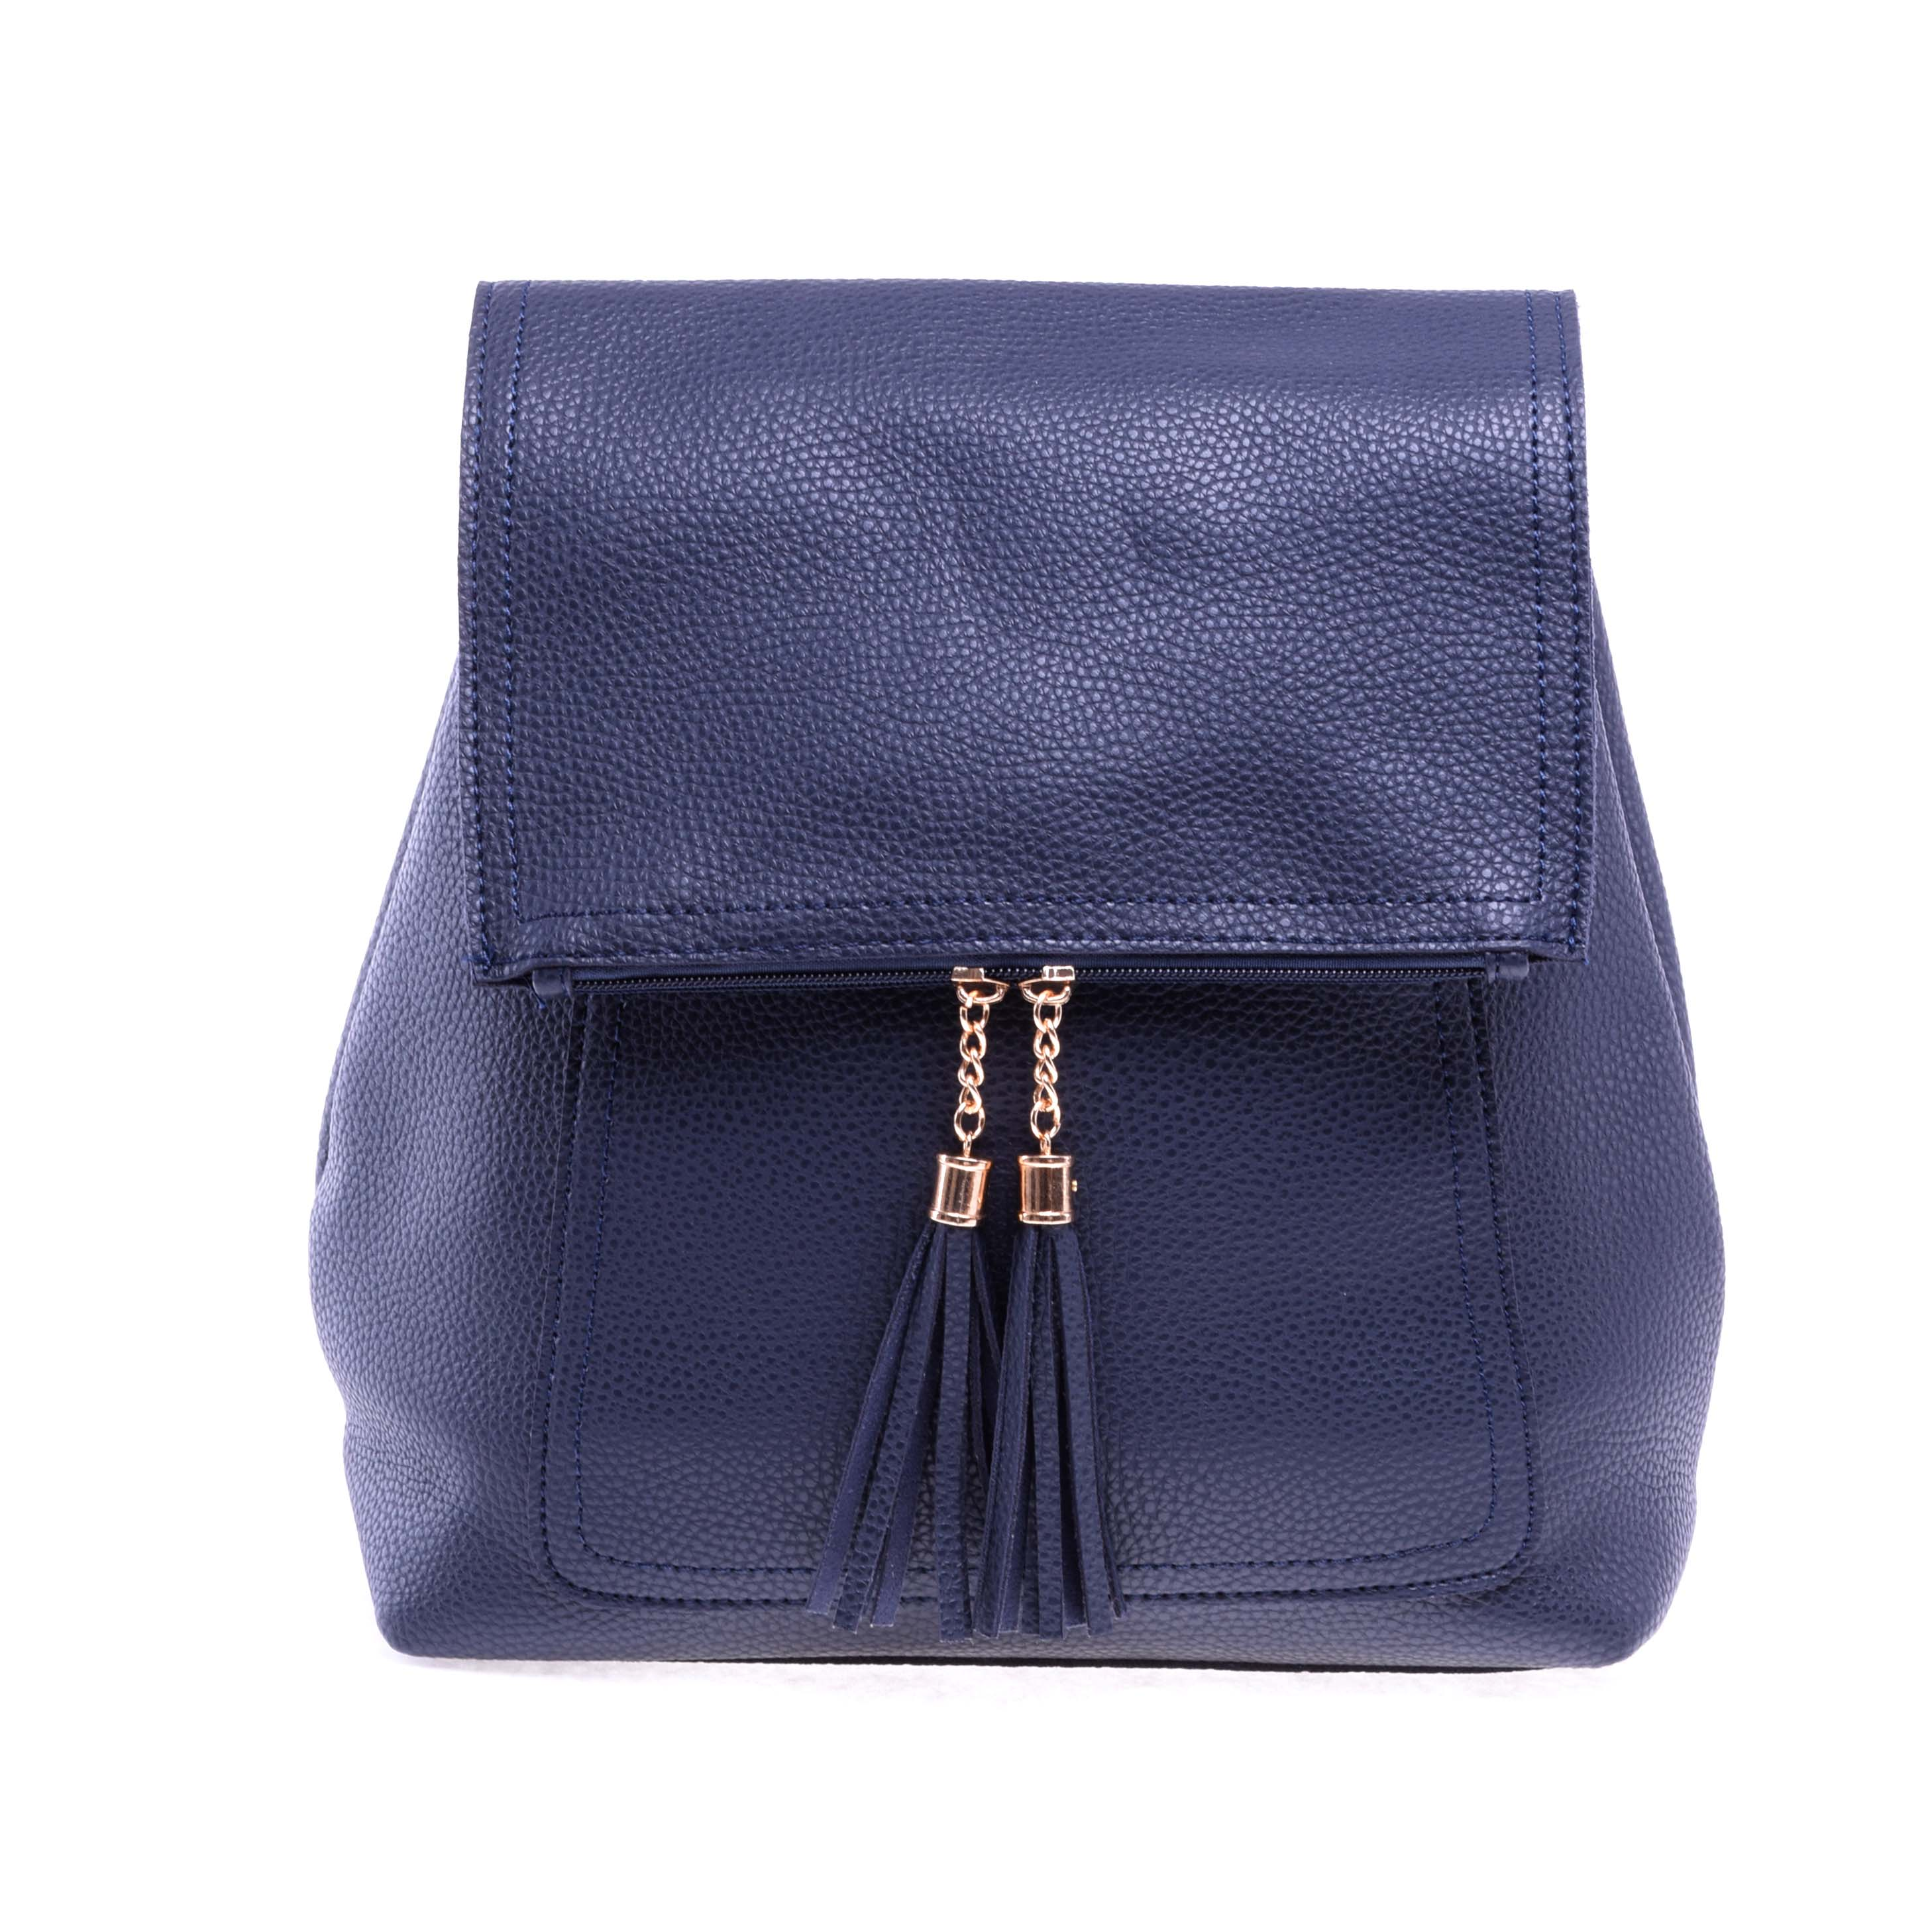 33bb2a7af016 Női Műbőr Hátizsák Kék - Műbőr - Táska webáruház - Minőségi táskák  mindenkinek